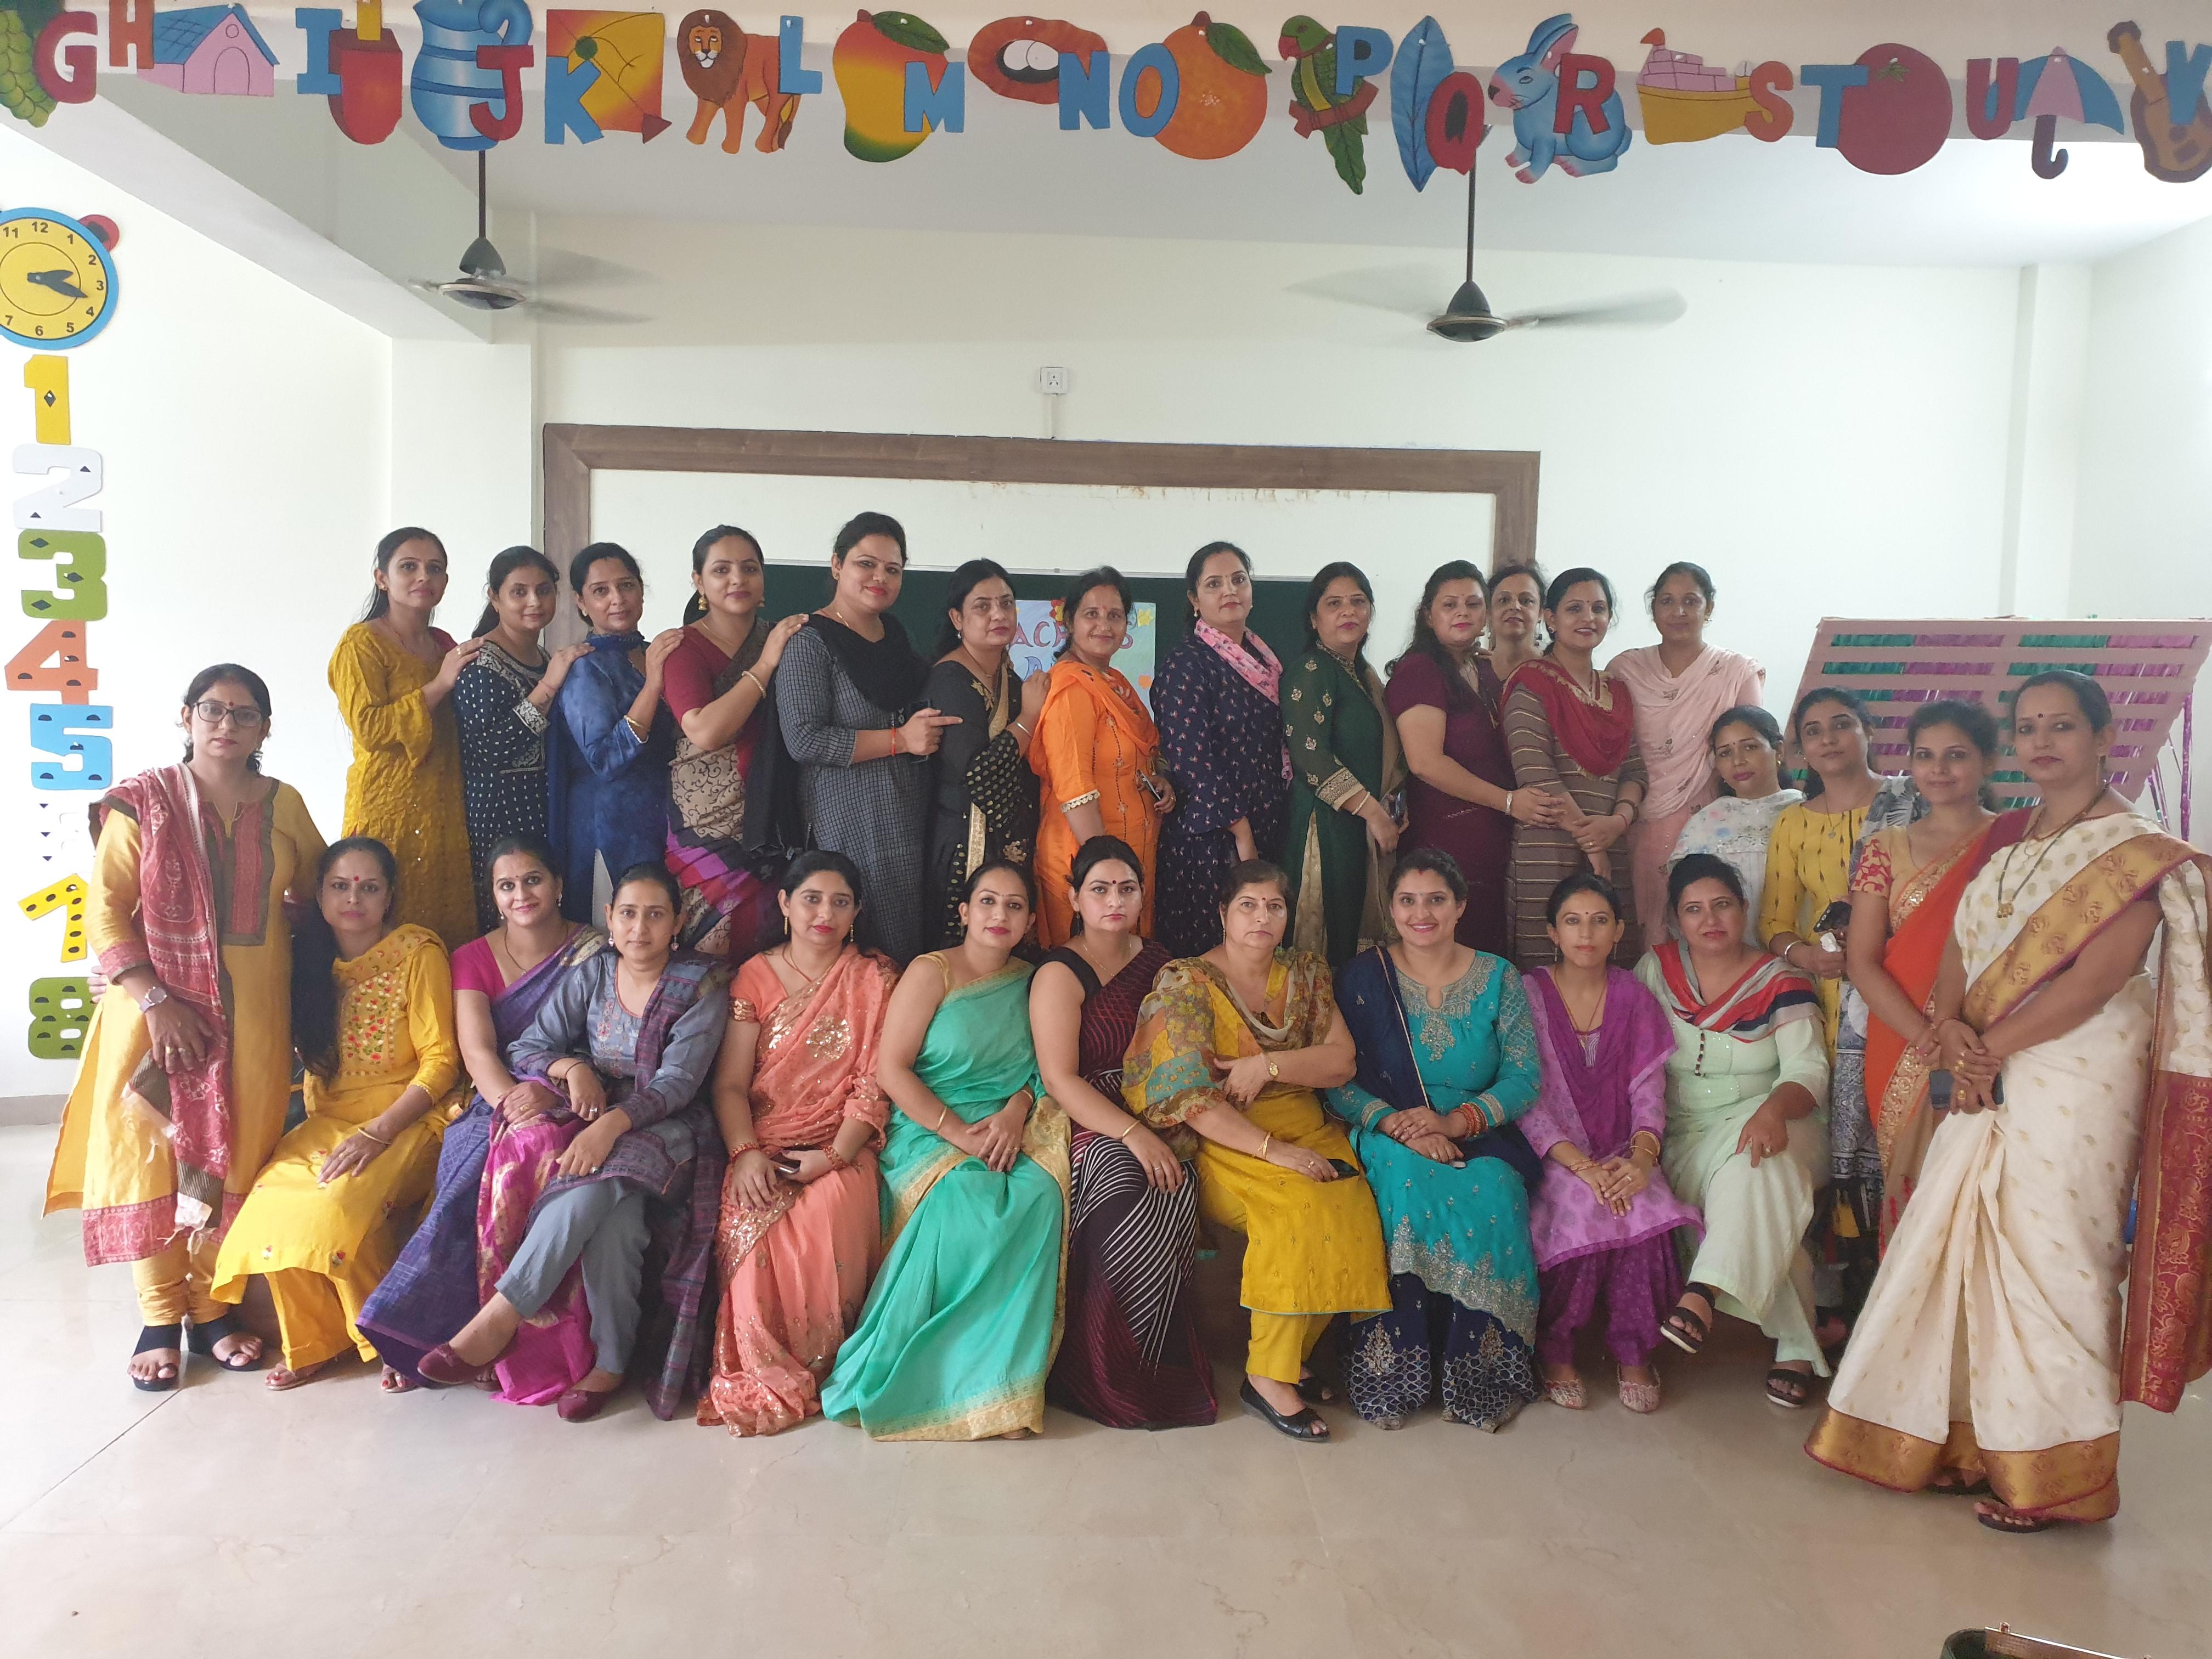 वशिष्ठ पब्लिक स्कूल में शिक्षक दिवस धूमधाम से मनाया